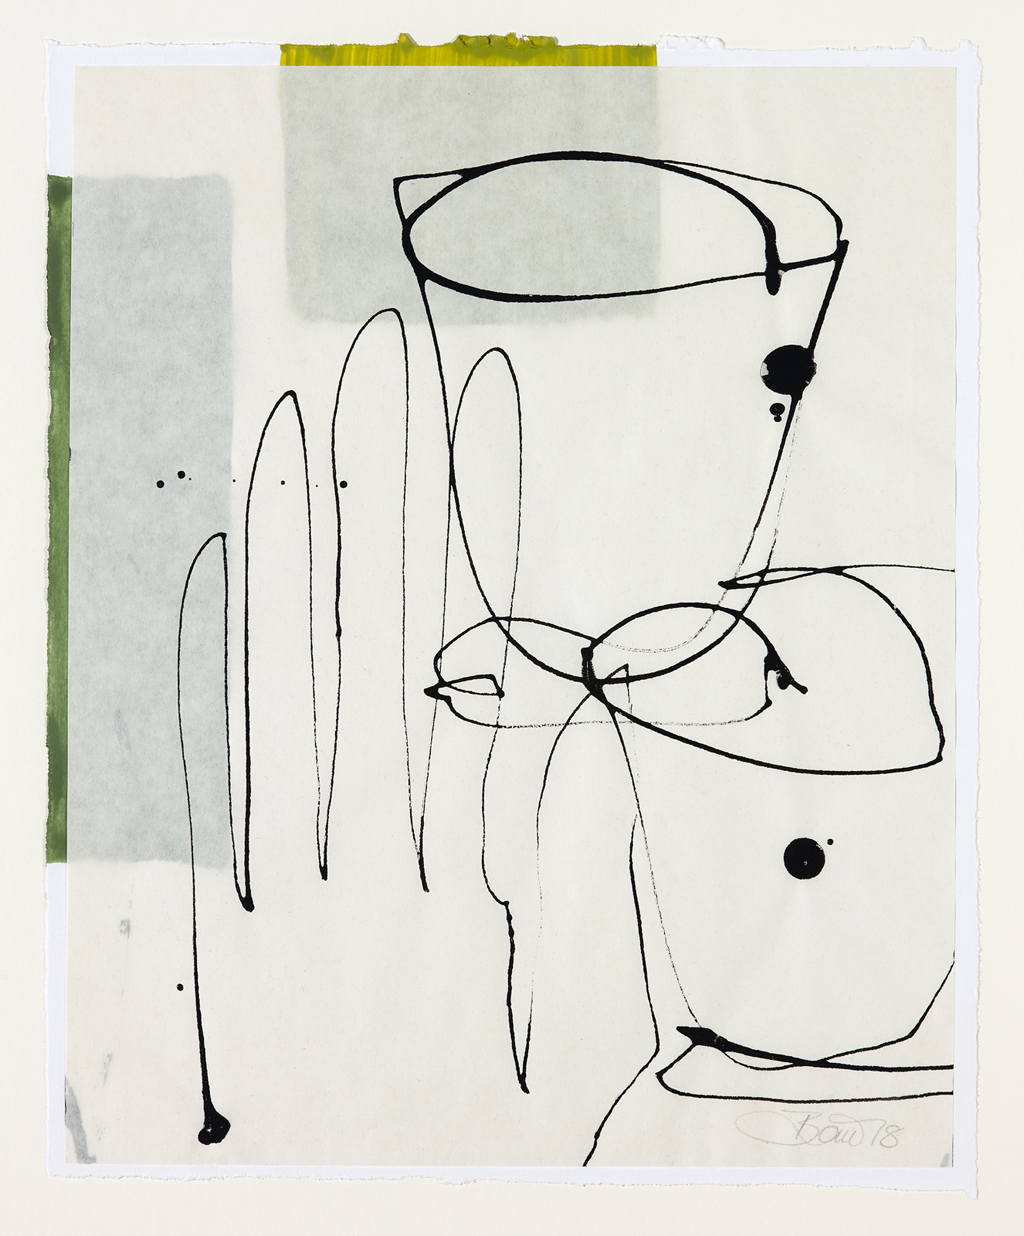 Raumanzüge für innere Werte 2018, Zeichnung collagiert, 26 x 21 cm, gerahmt 50 x 40 cm